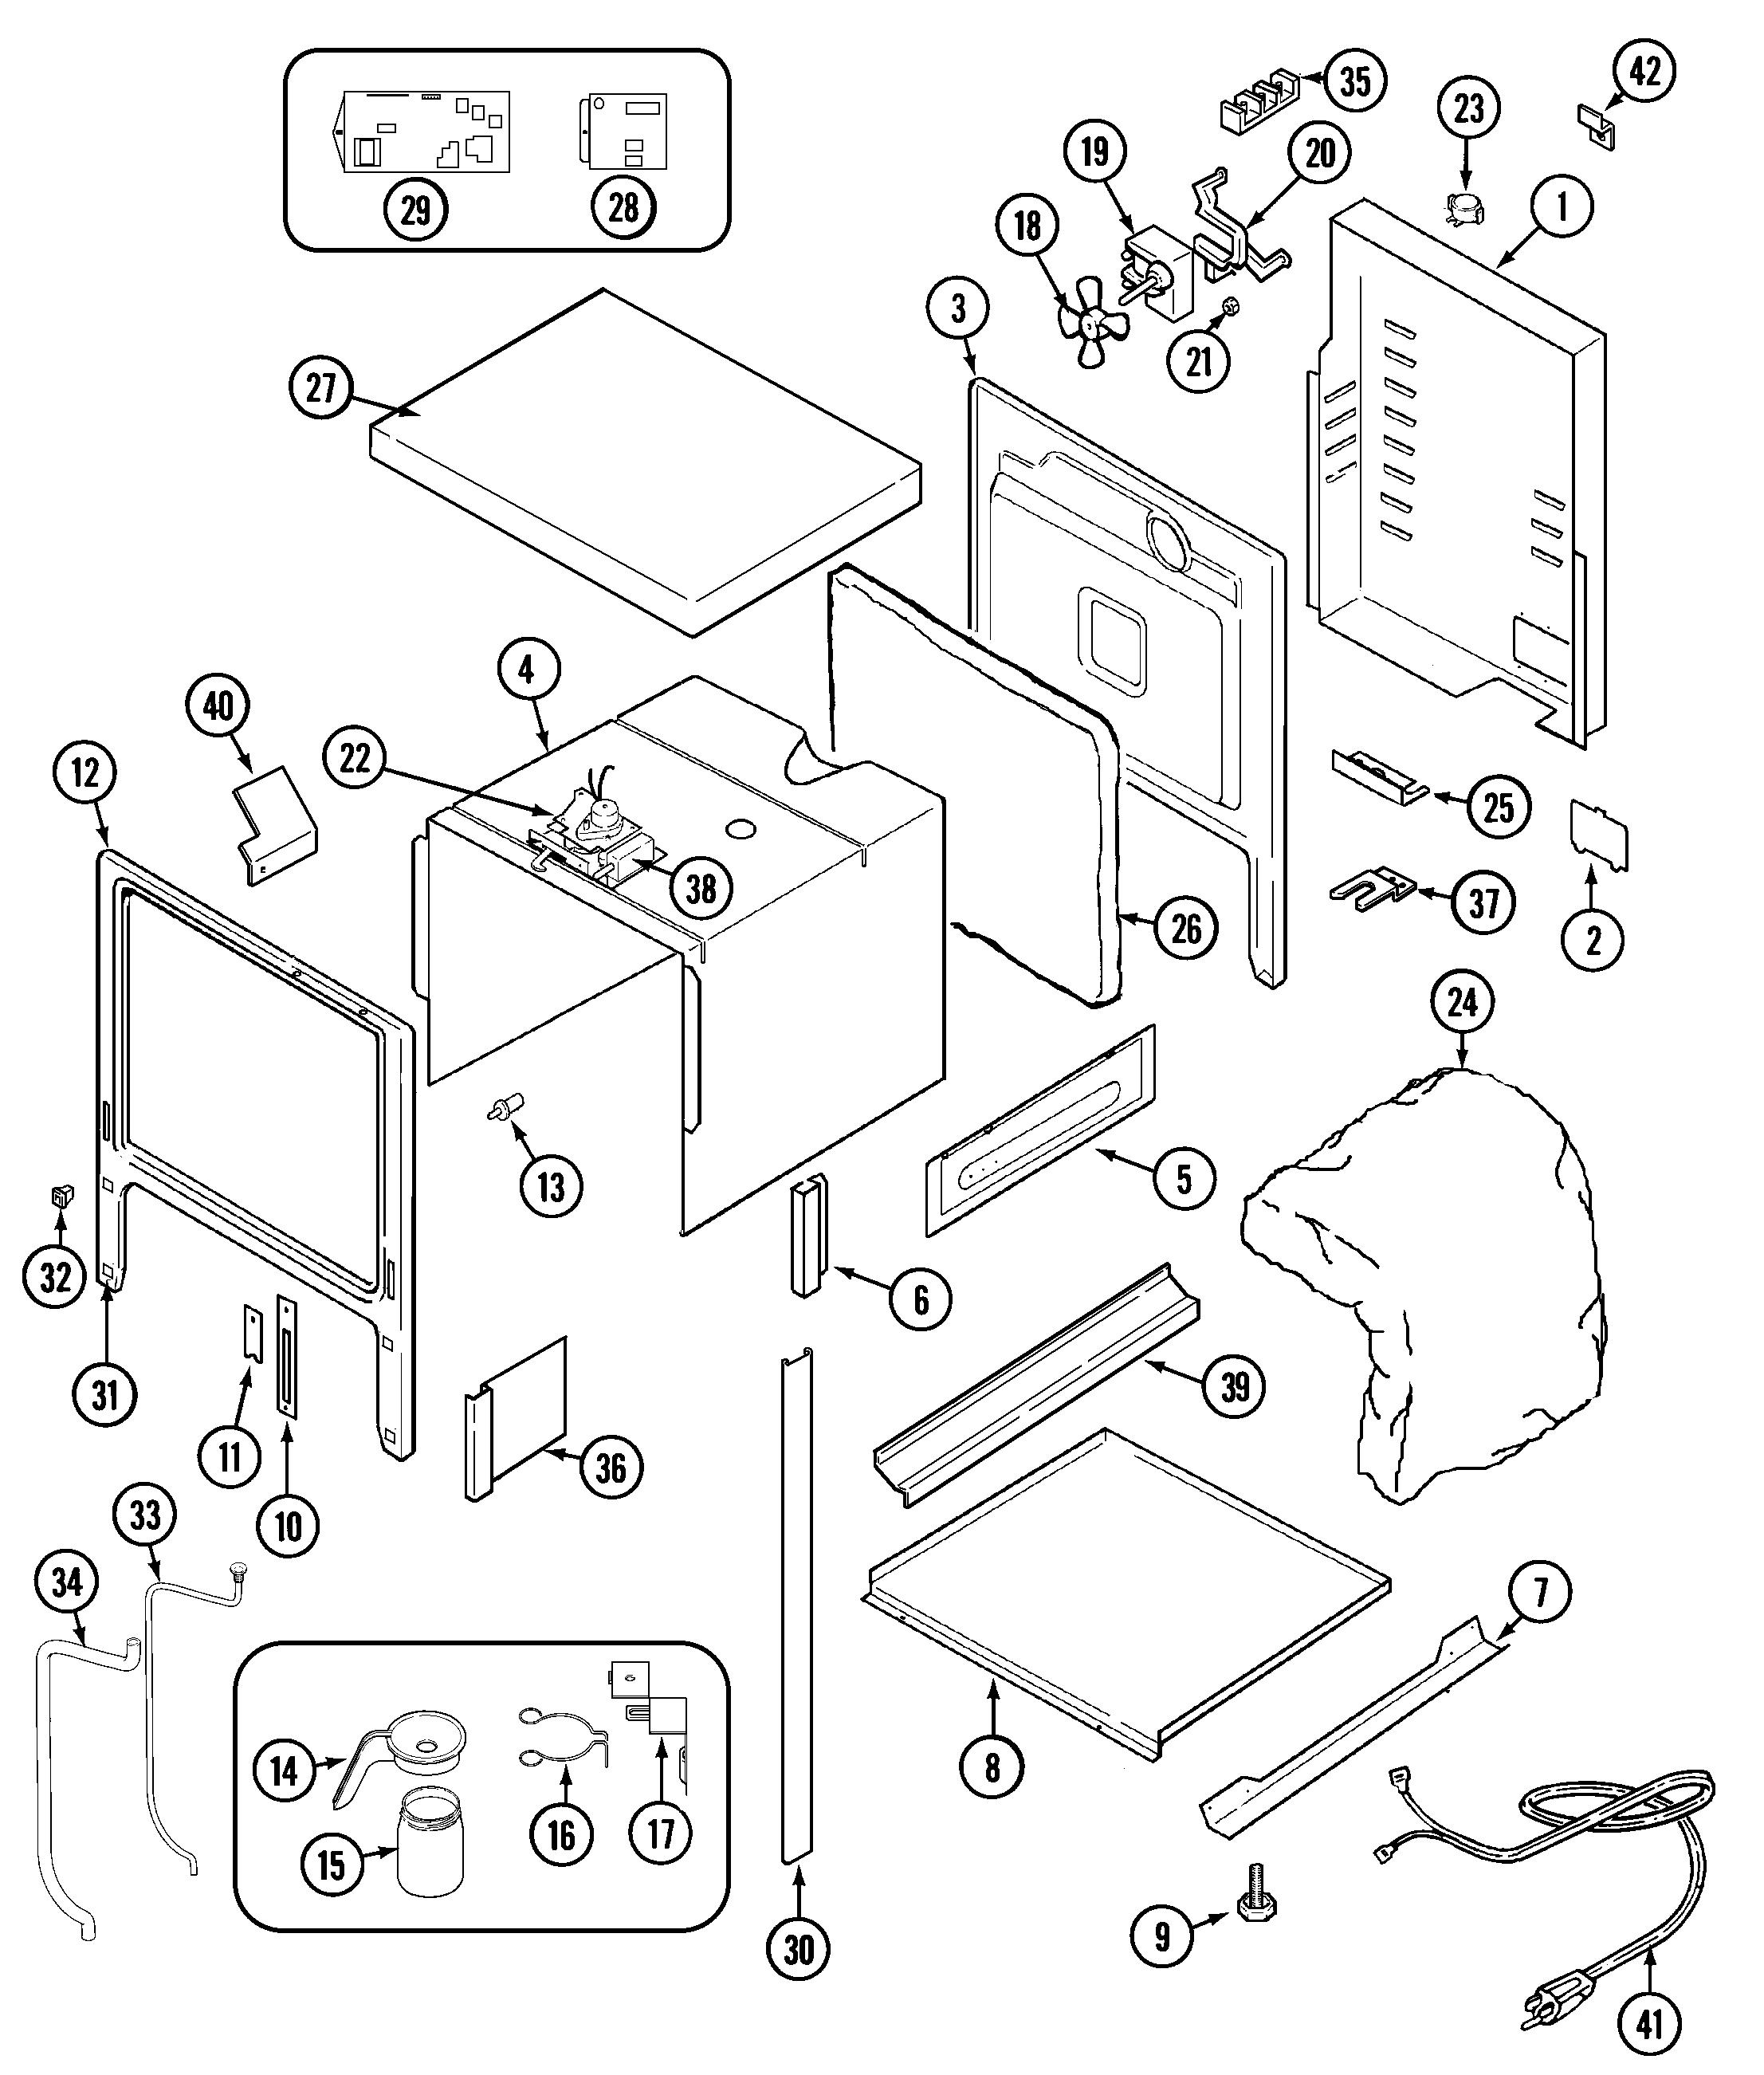 sve47100b electric slide-in range body parts diagram